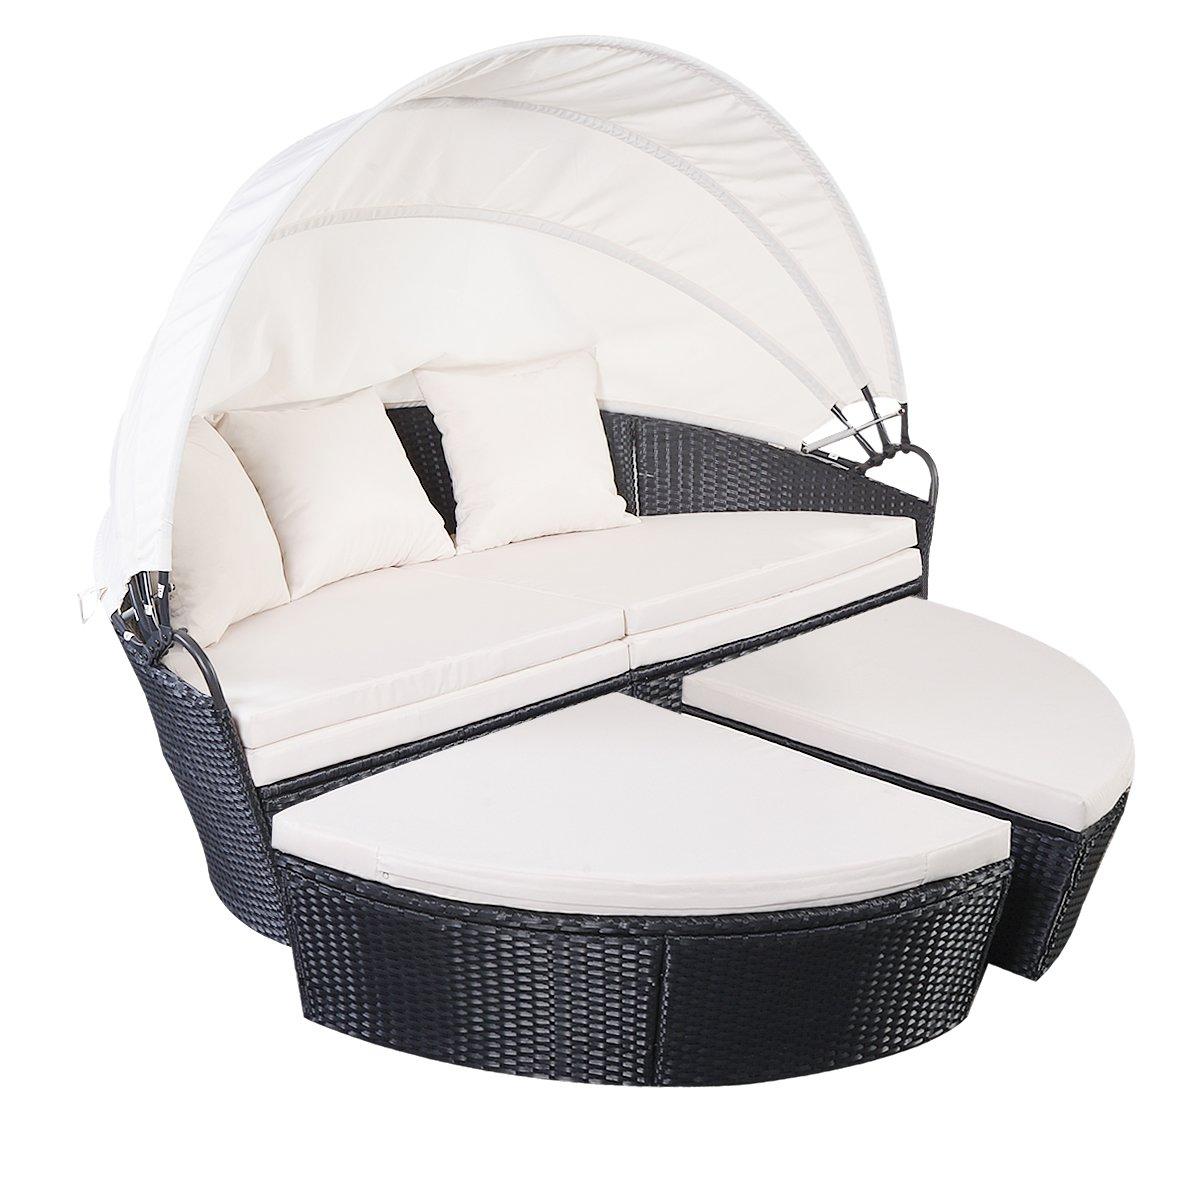 Sonneninsel Sonnenliege Polyrattenliege Rattan Lounge Rattenbett Gartenliege GartenmöbelSitzgarnitur Strandkorb mit Sitzauflage Sonnendach bestellen